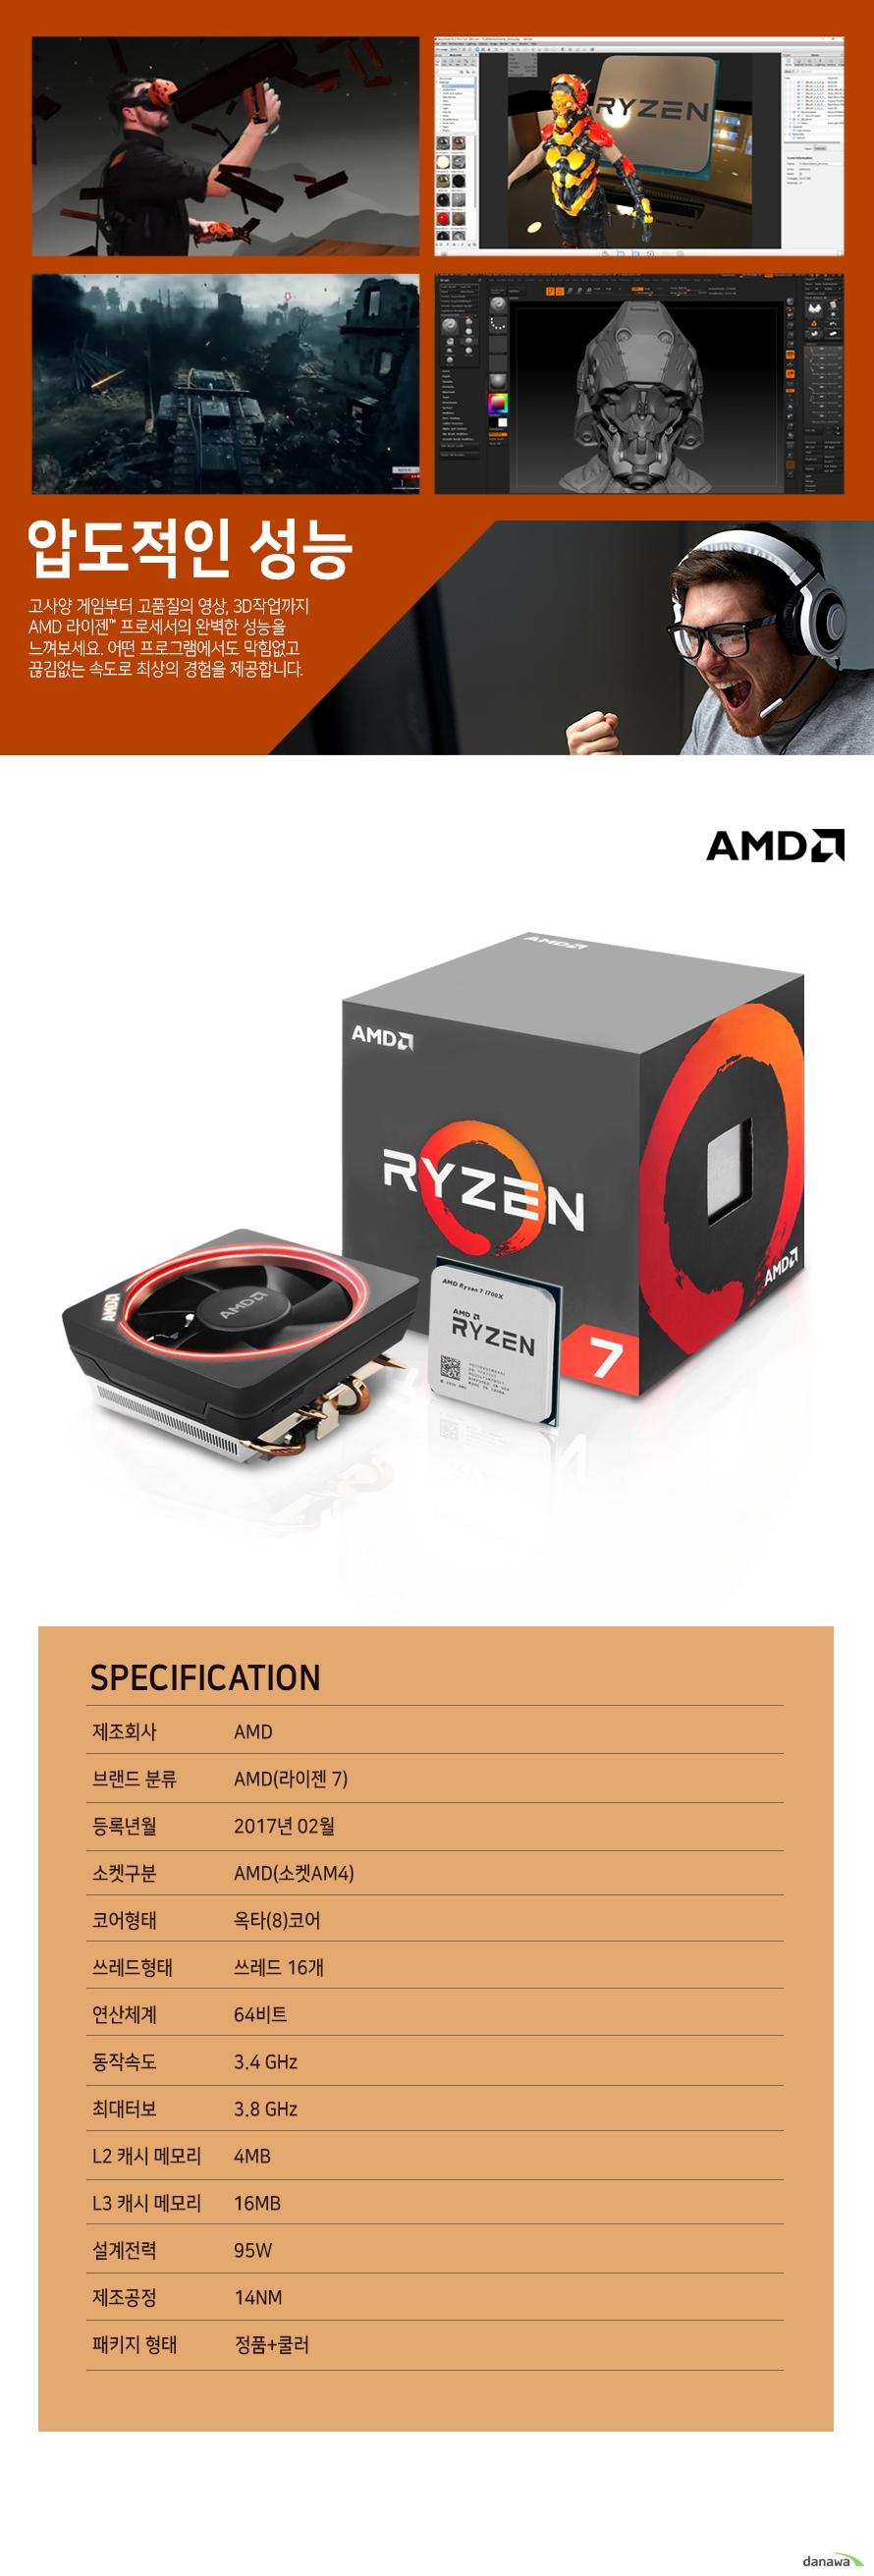 압도적인 성능                    고사양 게임부터 고품질의 영상 , 3D 작업까지 AMD 라이젠 프로세서의          완벽한 성능을 느껴보세요. 어떤 프로그램에서도 막힘없고 끊김없는          속도로 최상의 경험을 제공합니다.                    SPECIFICATION          제조 회사 AMD          브랜드 분류 AMD(라이젠 7)          등록년월 2017년 2월          소켓구분 AMD(소켓 AM4)          코어형태 옥타(8)코어          쓰레드 형태 쓰레드 16개          연산체계 64비트          동작속도 3.4GHZ          최대 터보 3.8GHZ          L2 캐시 메모리 4MB          L3 캐시 메모리 16MB          설계전력 95W          제조공정 14NM          패키지 형태 정품+쿨러